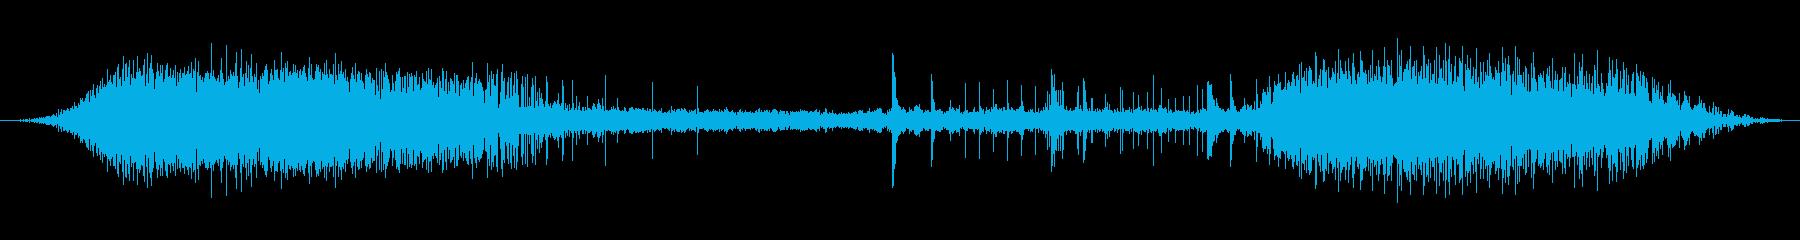 サーカスの拍手0-30の再生済みの波形